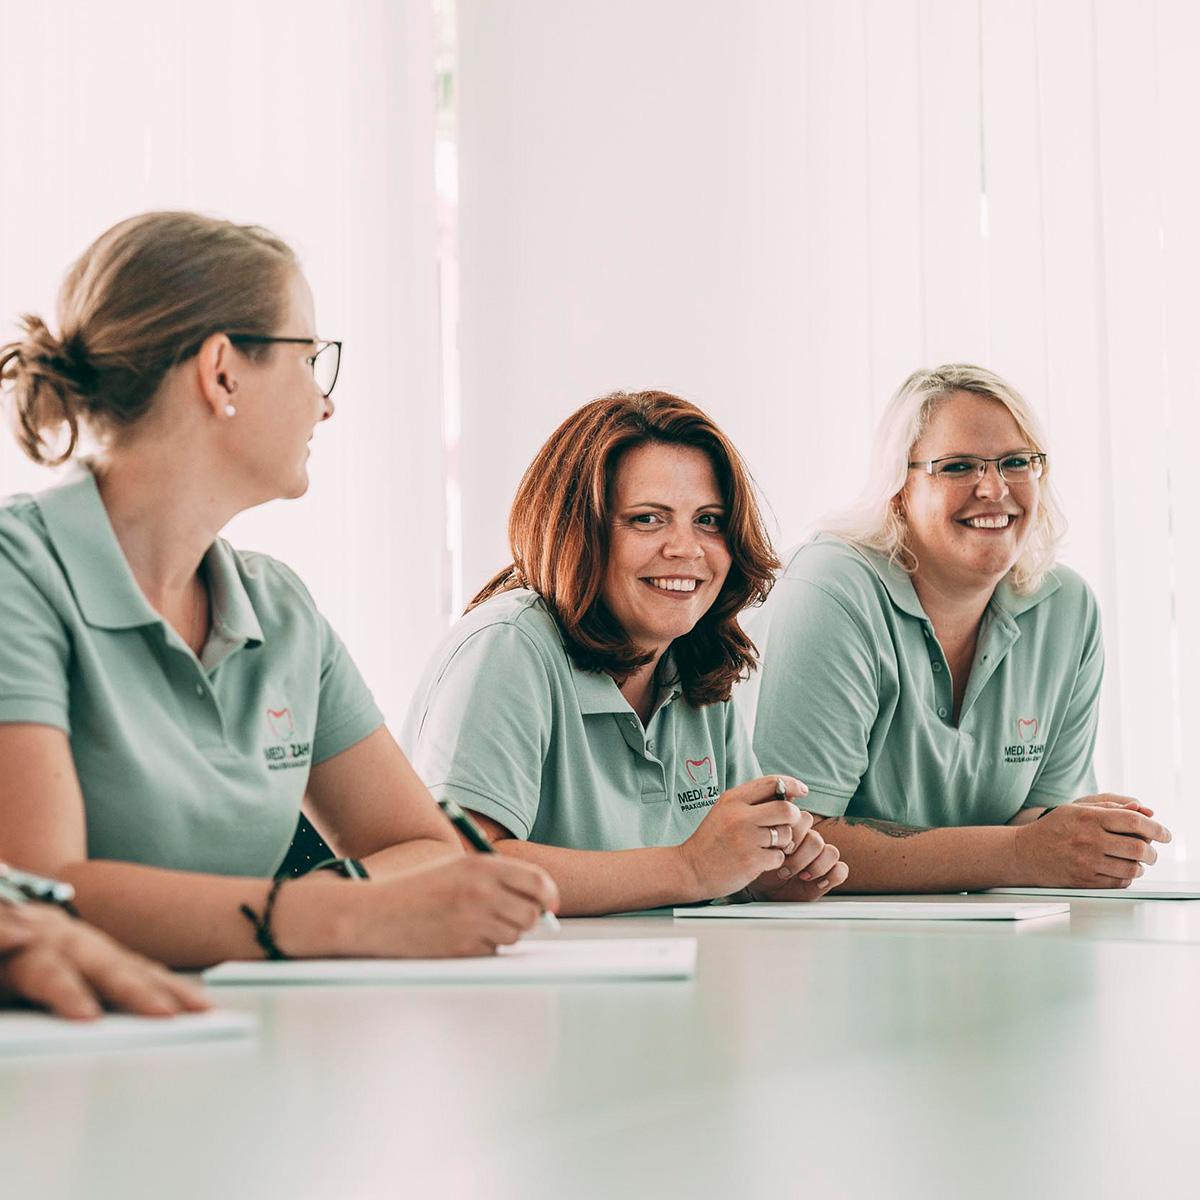 Drei Mitarbeiterinnen von MeDi-Zahn für zahnärztliche Abrechnung MKG / KFO